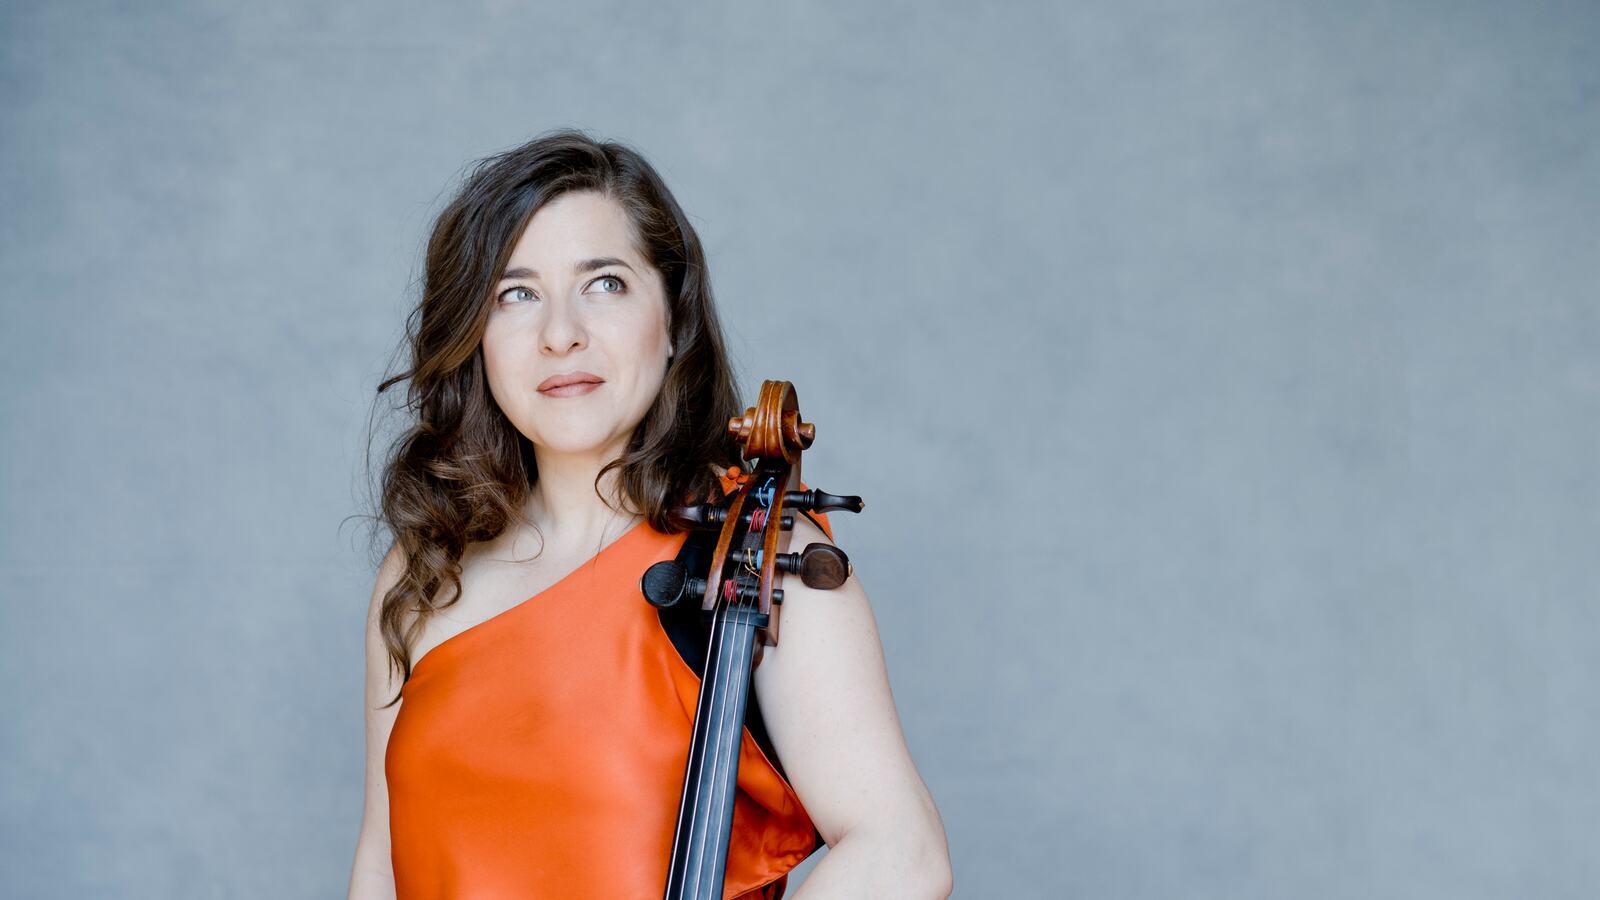 Alisa Weilerstein, cellist